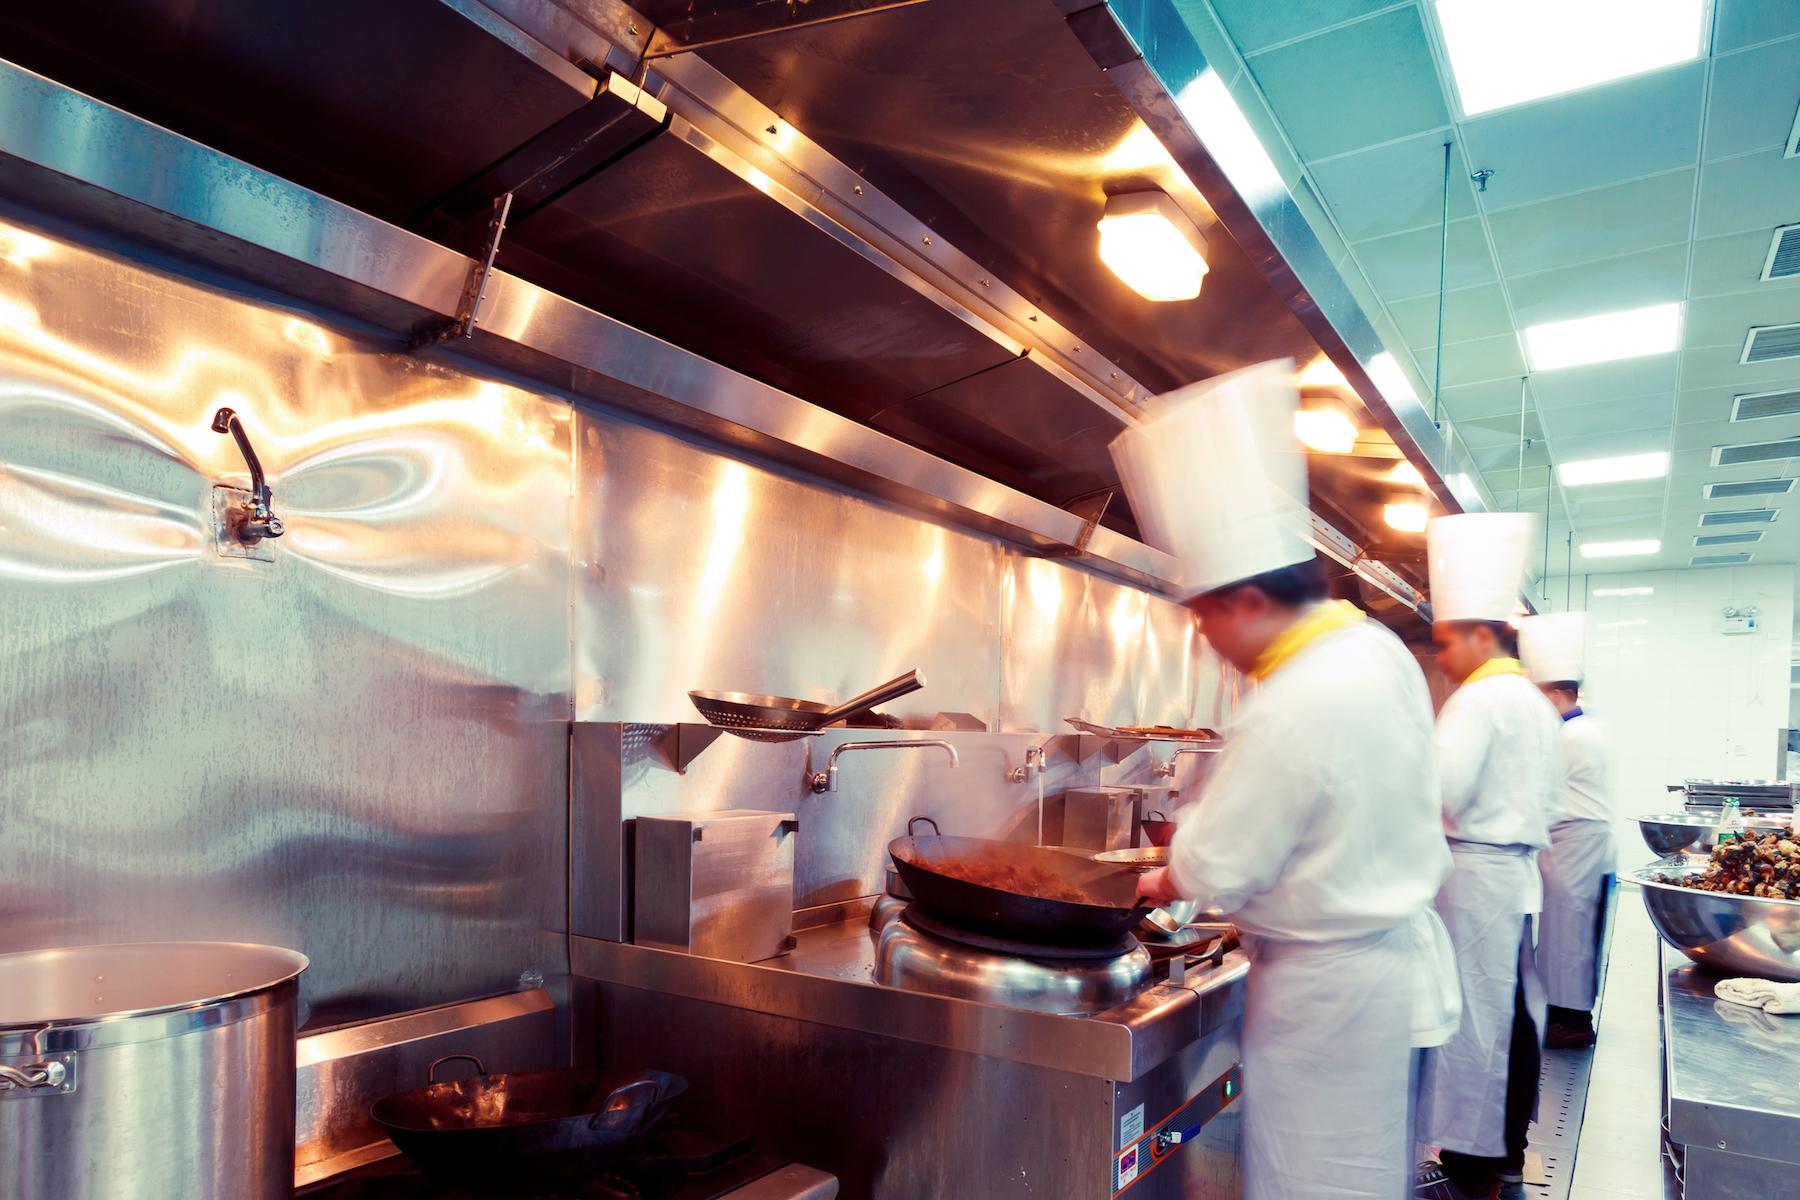 Restaurantes en Los Ángeles Pagaran $126K a 100 Empleados Tras Demanda Por Horas Extras del Departamento de Labor